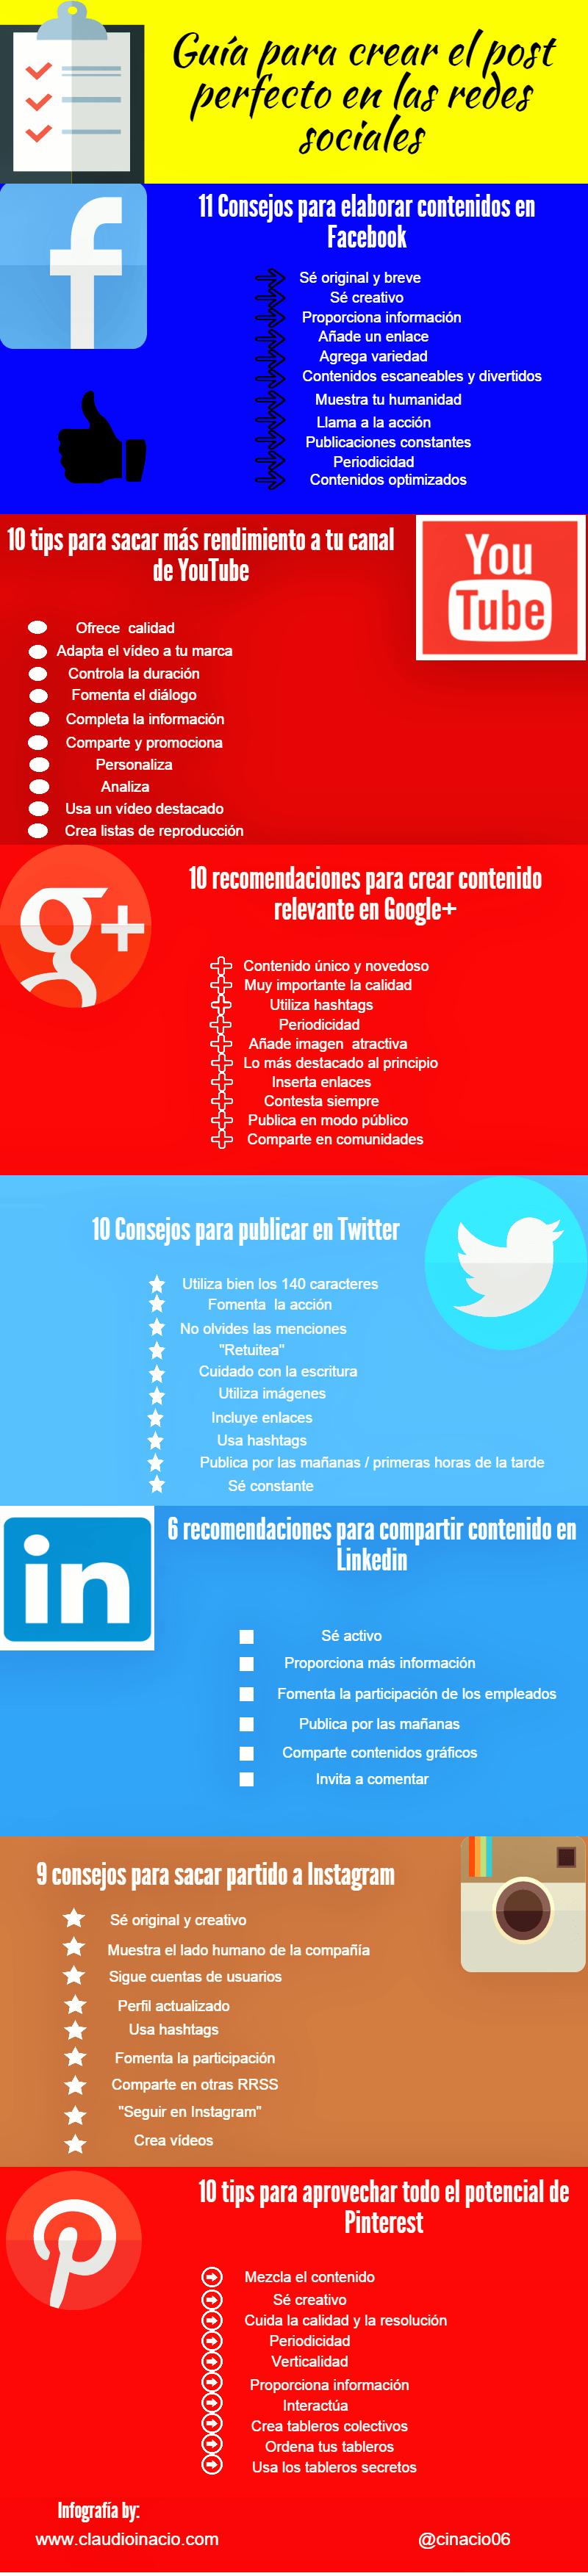 Infografia - Infografía – Guía de cómo crear el post perfecto en redes sociales